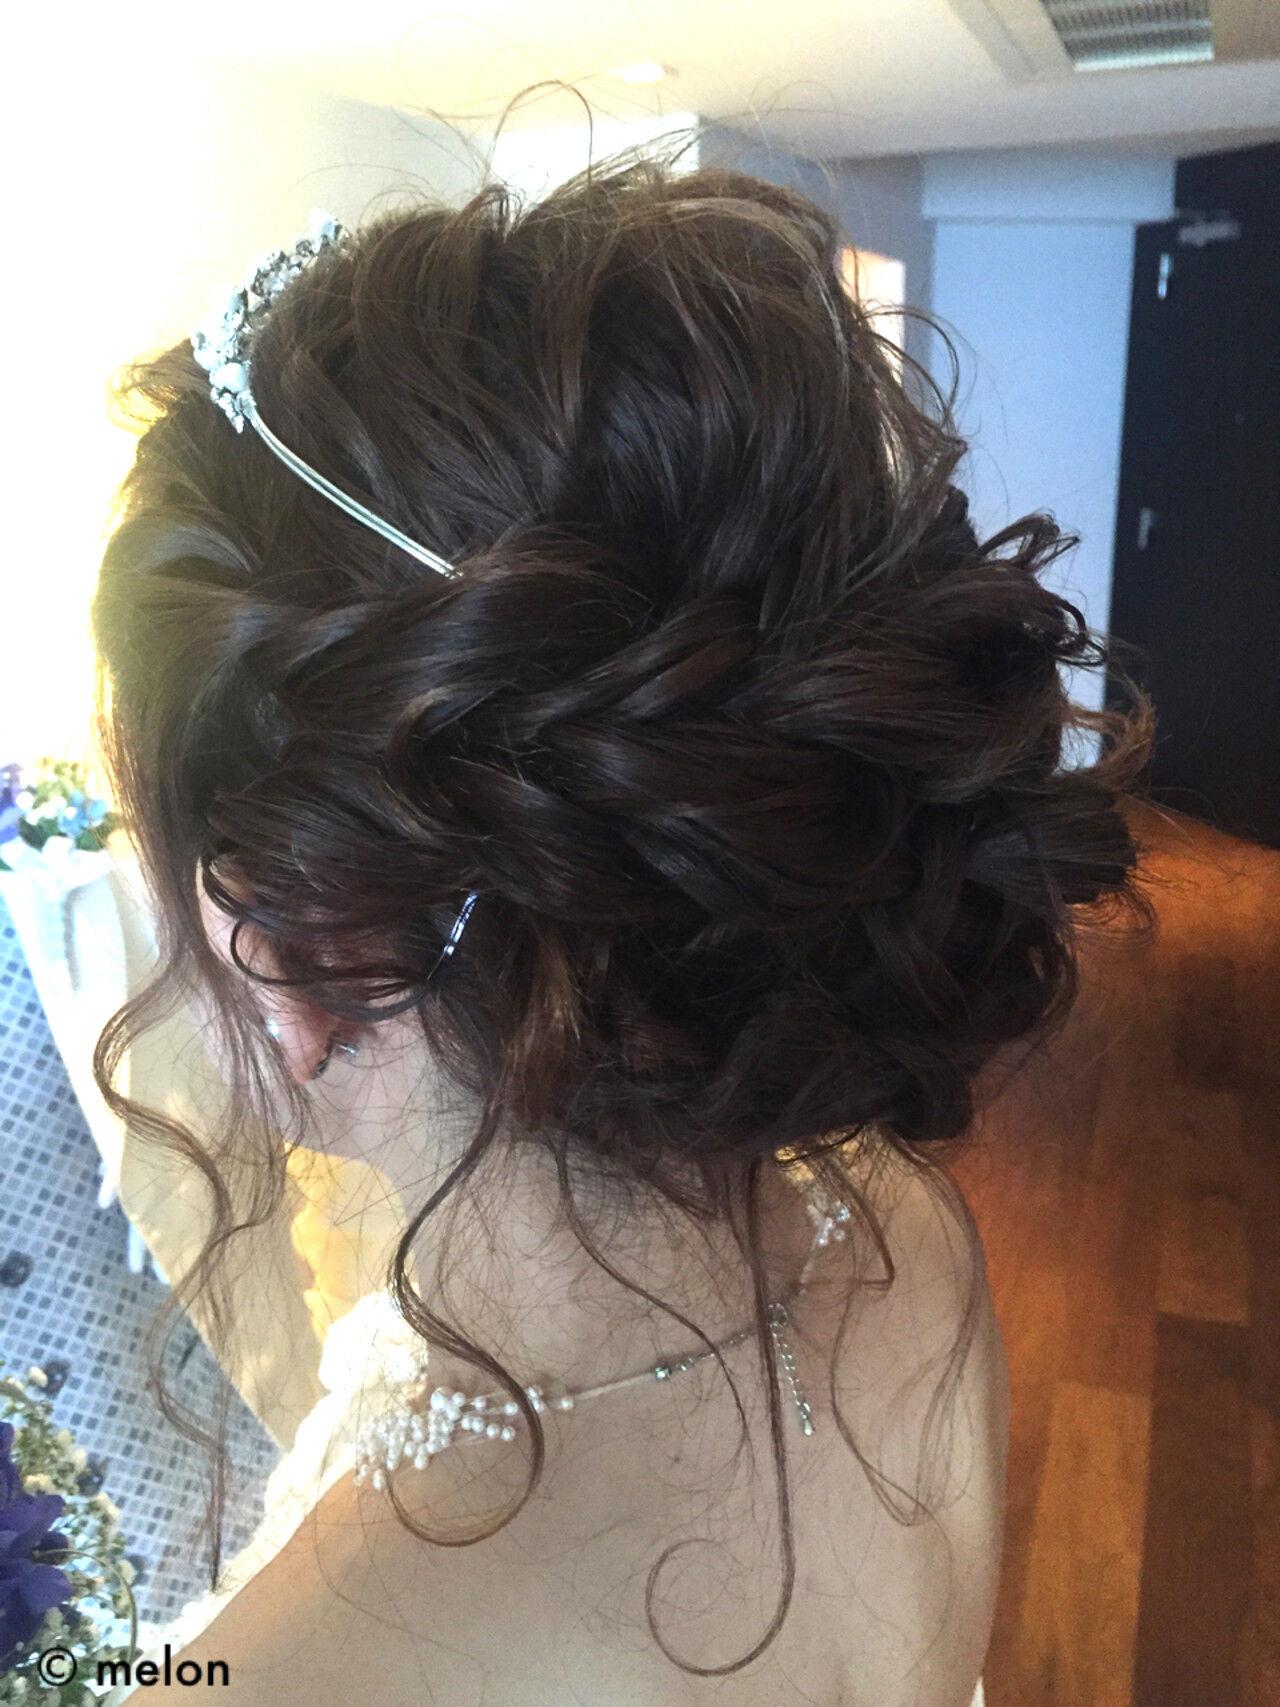 ヘアアレンジ 波ウェーブ ブライダル 結婚式ヘアスタイルや髪型の写真・画像